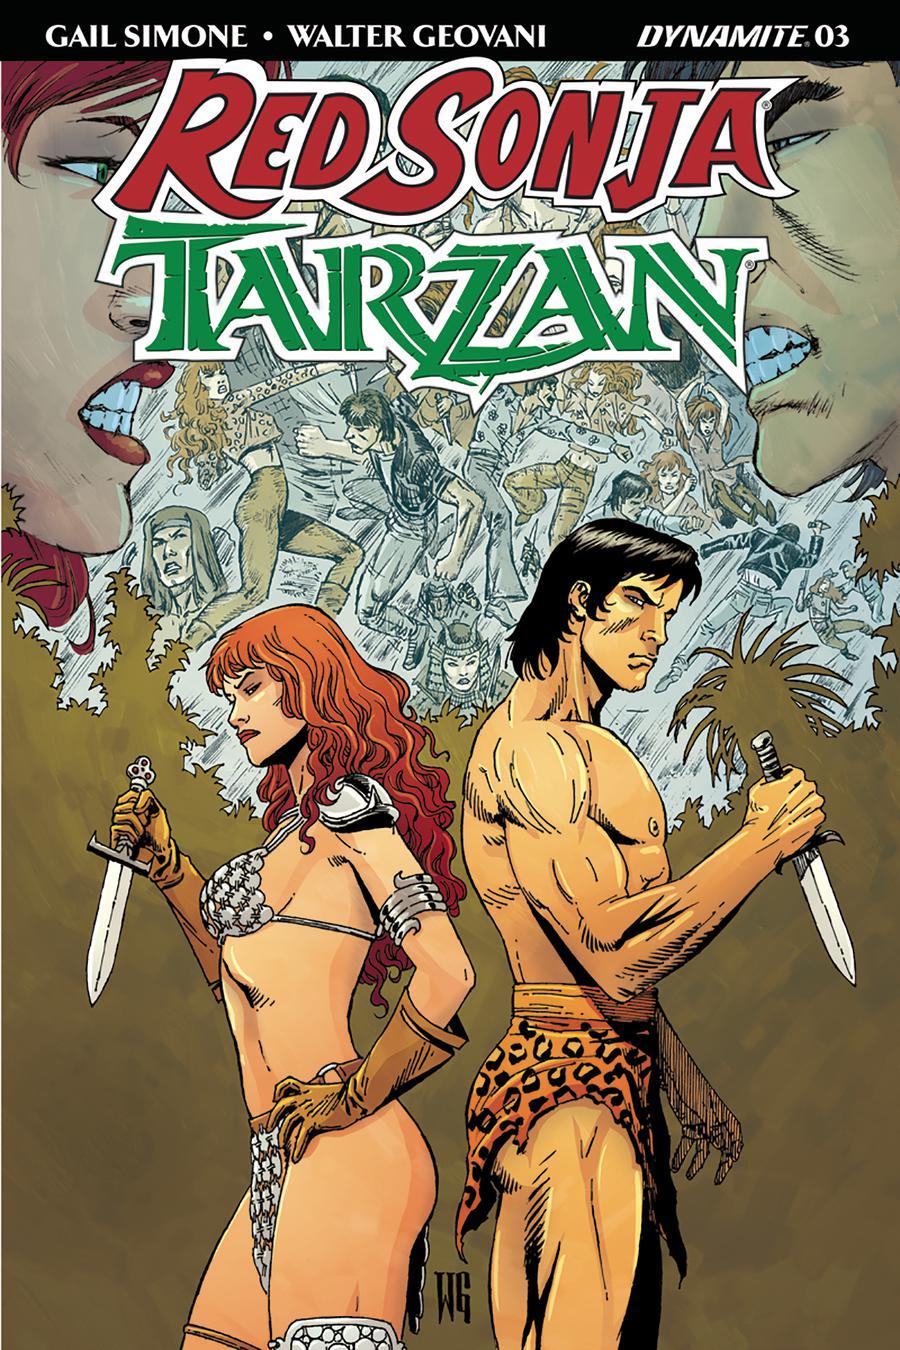 Red Sonja Tarzan #3 Cover B Variant Walter Geovani Cover